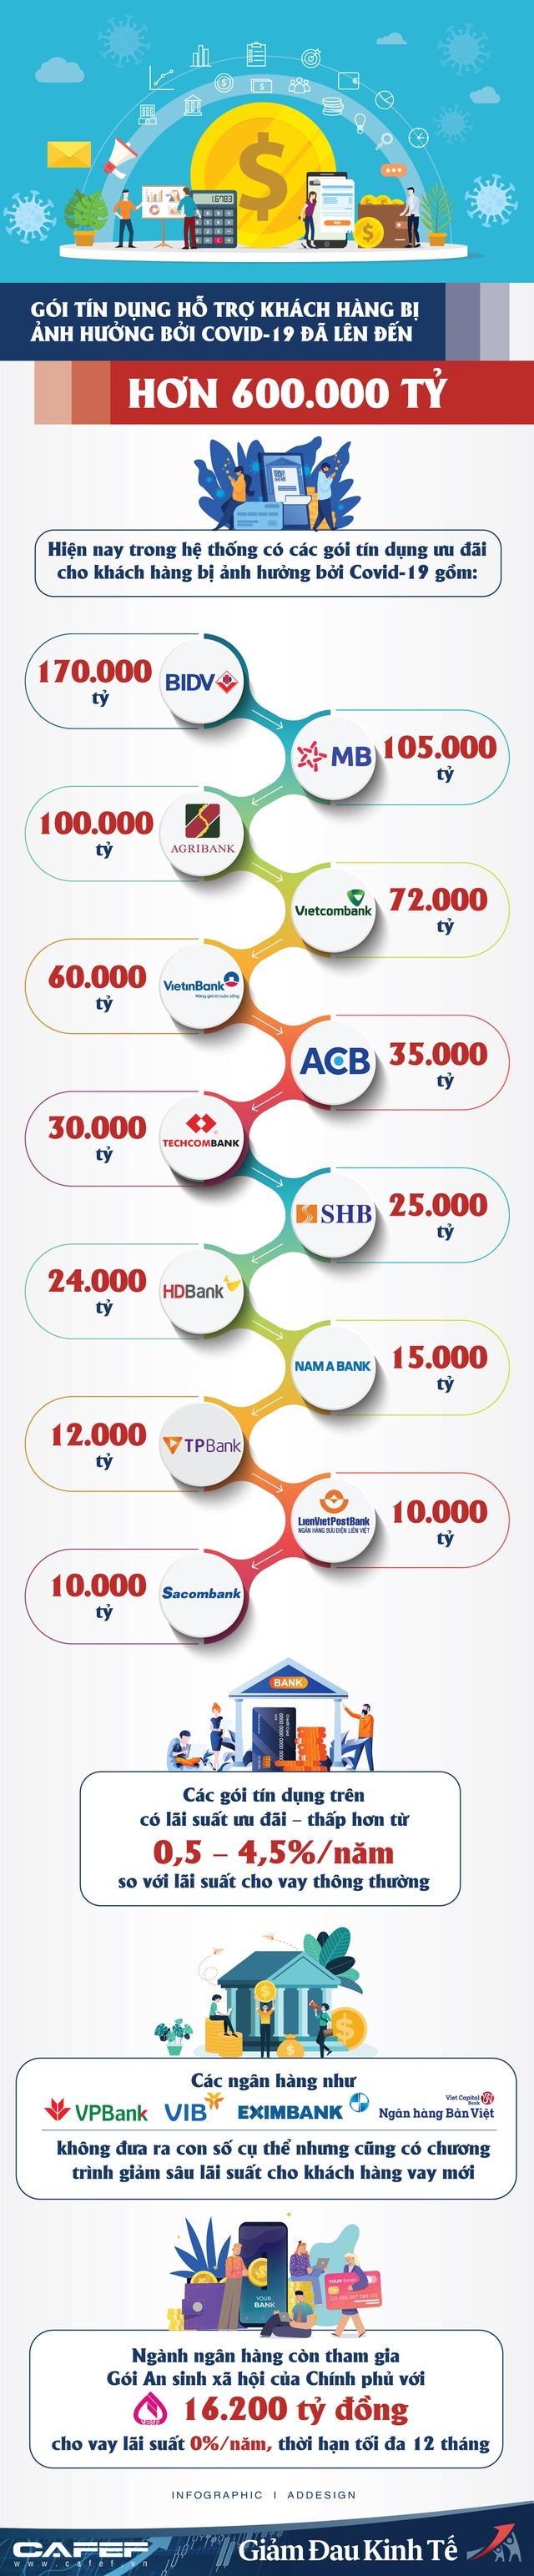 Infographic: Điểm danh các ngân hàng đang tham gia Gói tín dụng hơn 600.000 tỷ hỗ trợ khách hàng bị ảnh hưởng bởi Covid-19 - Ảnh 1.